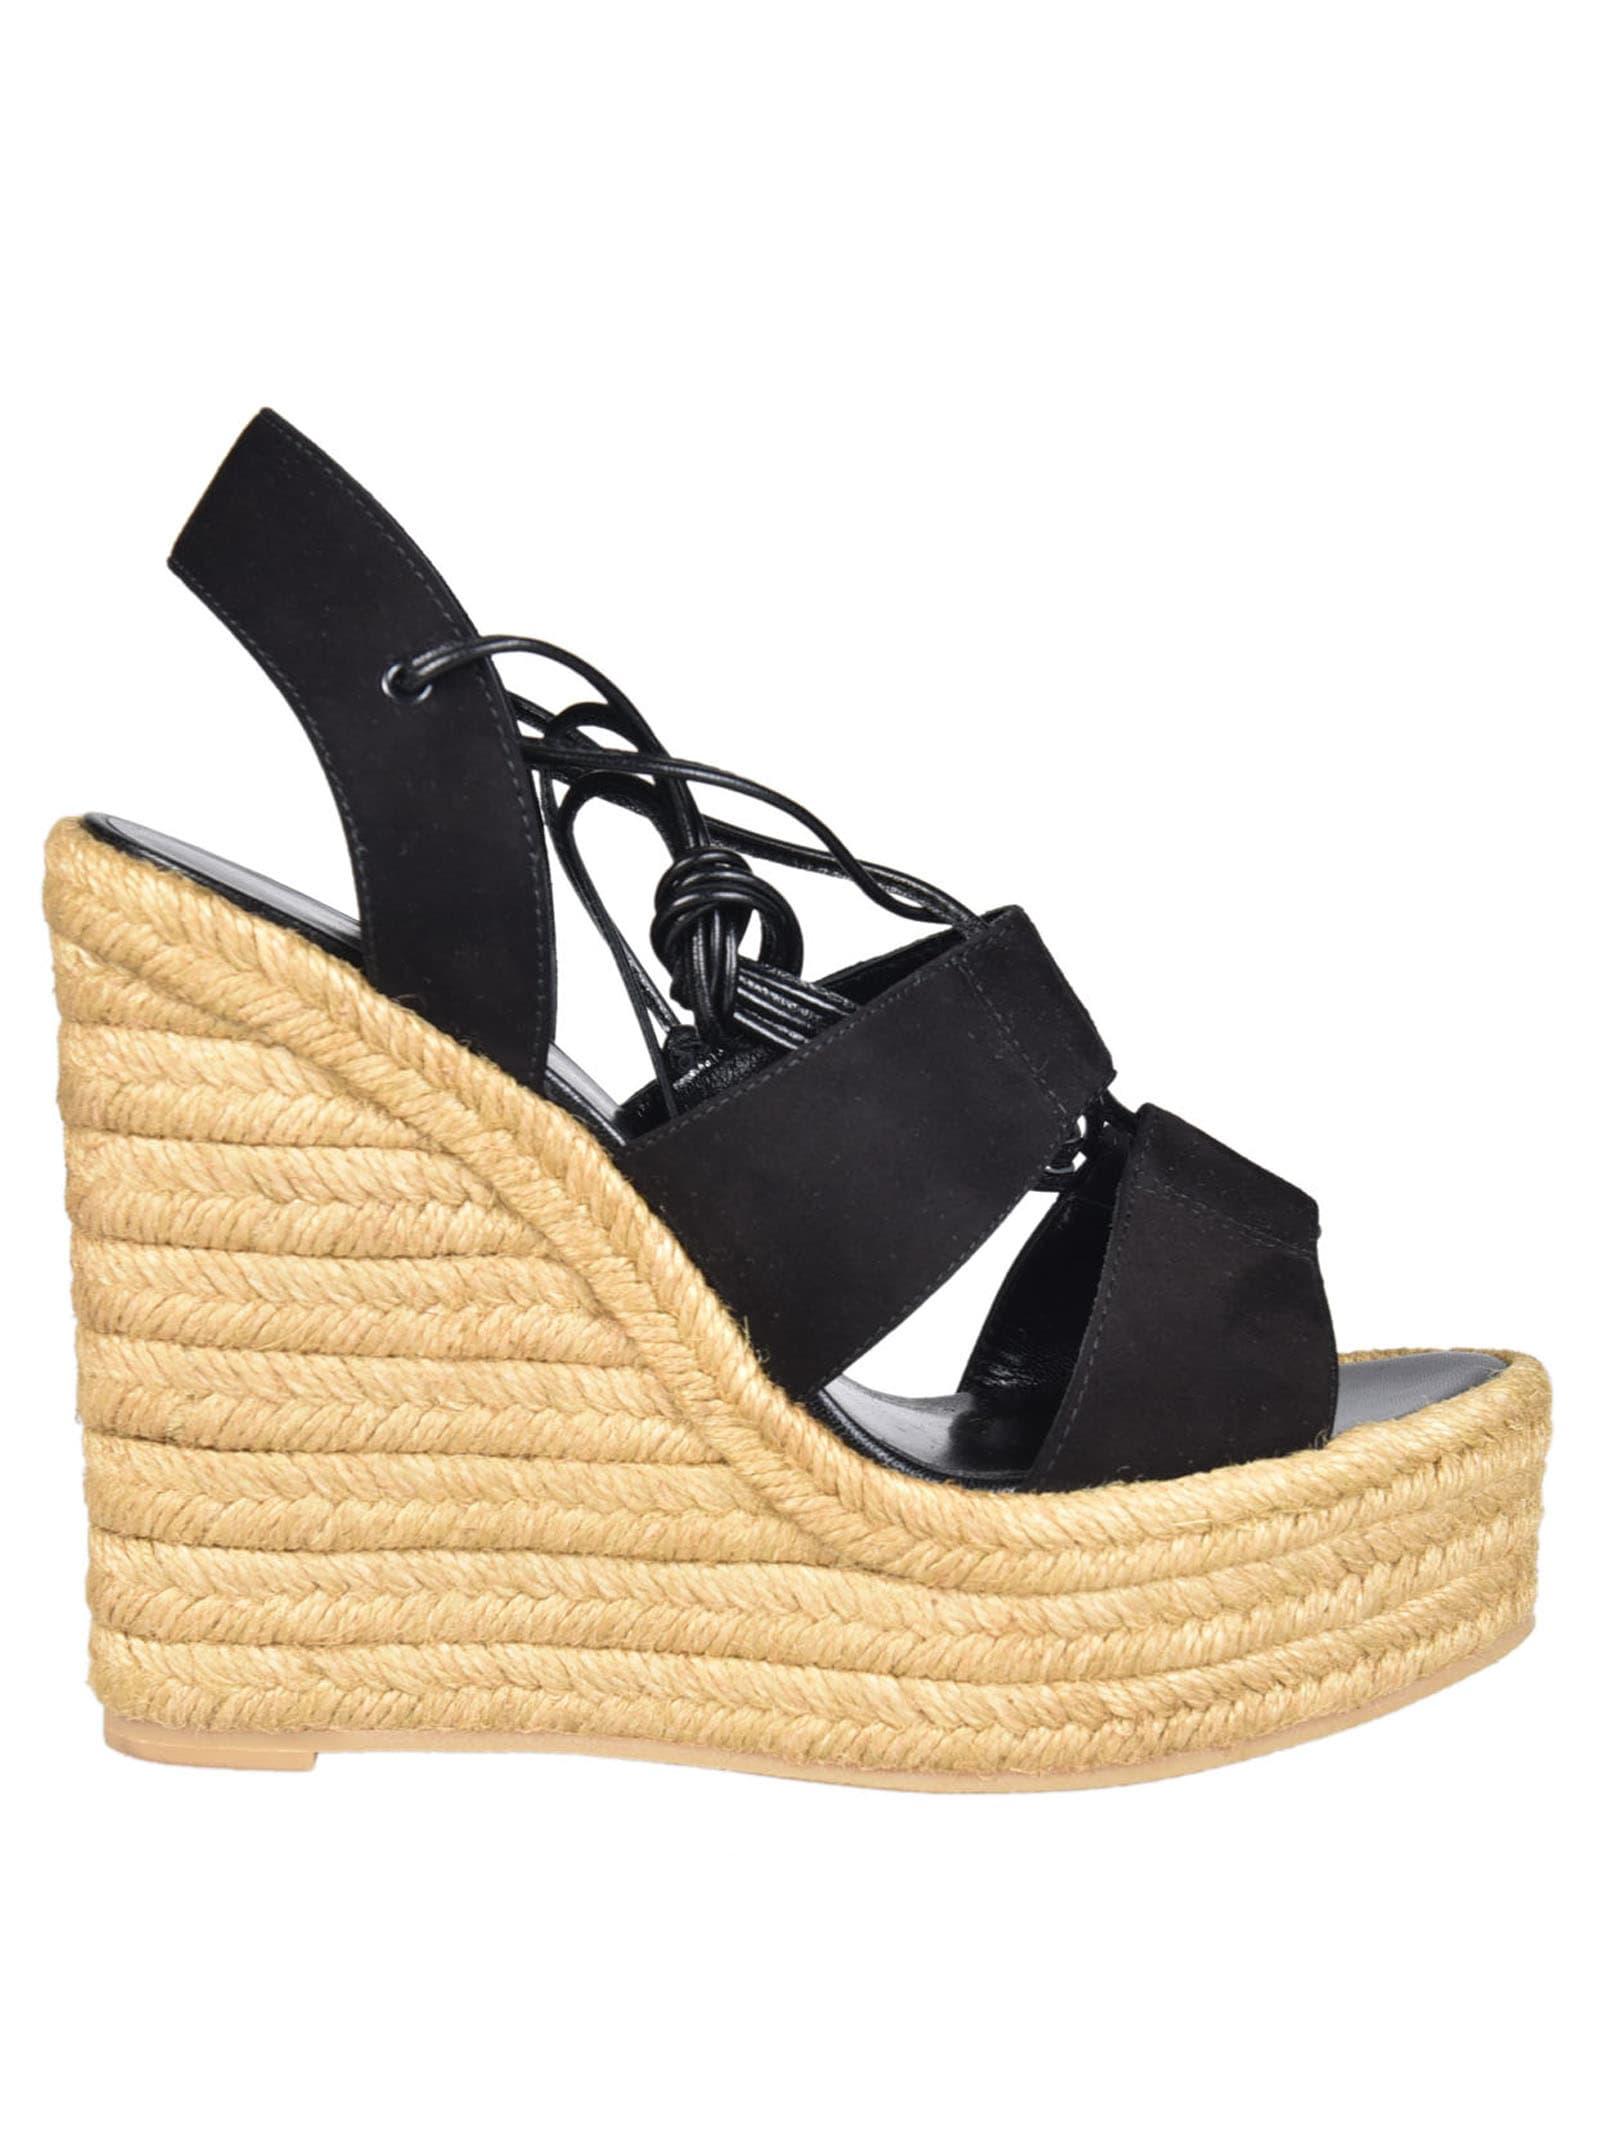 3d06e132990 Saint Laurent Espadrille Wedge Sandals